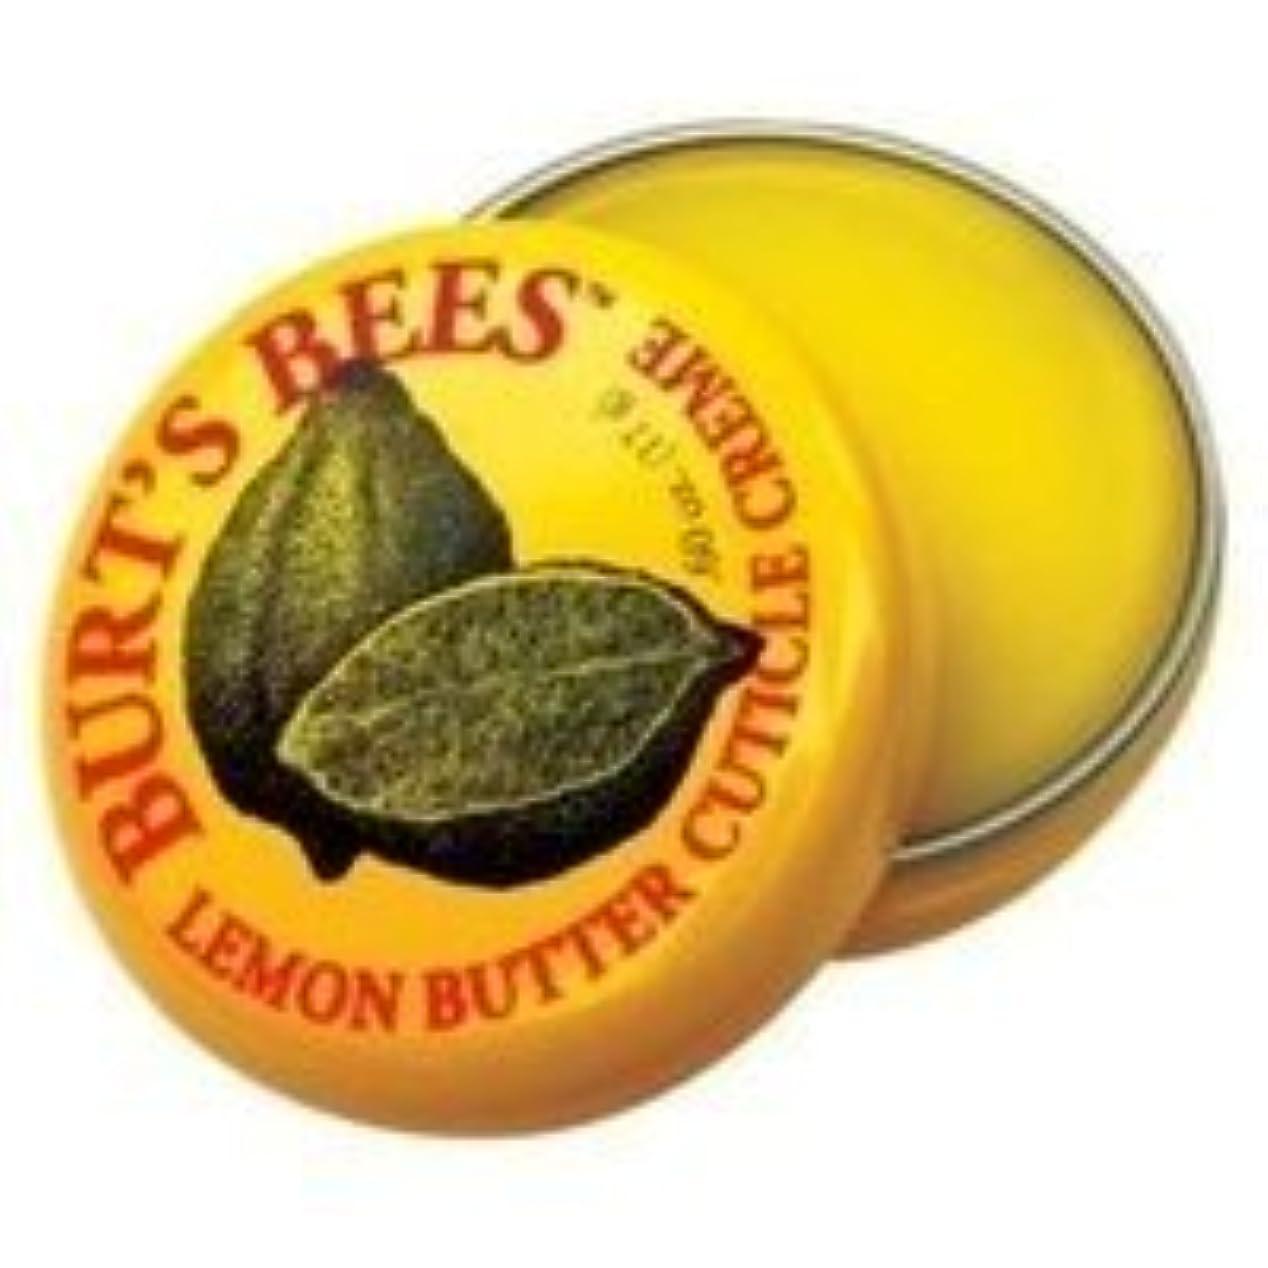 コークス表面行商人バーツビー(バーツビーズ) レモンバターキューティクルクリーム 17g お得な3個セット